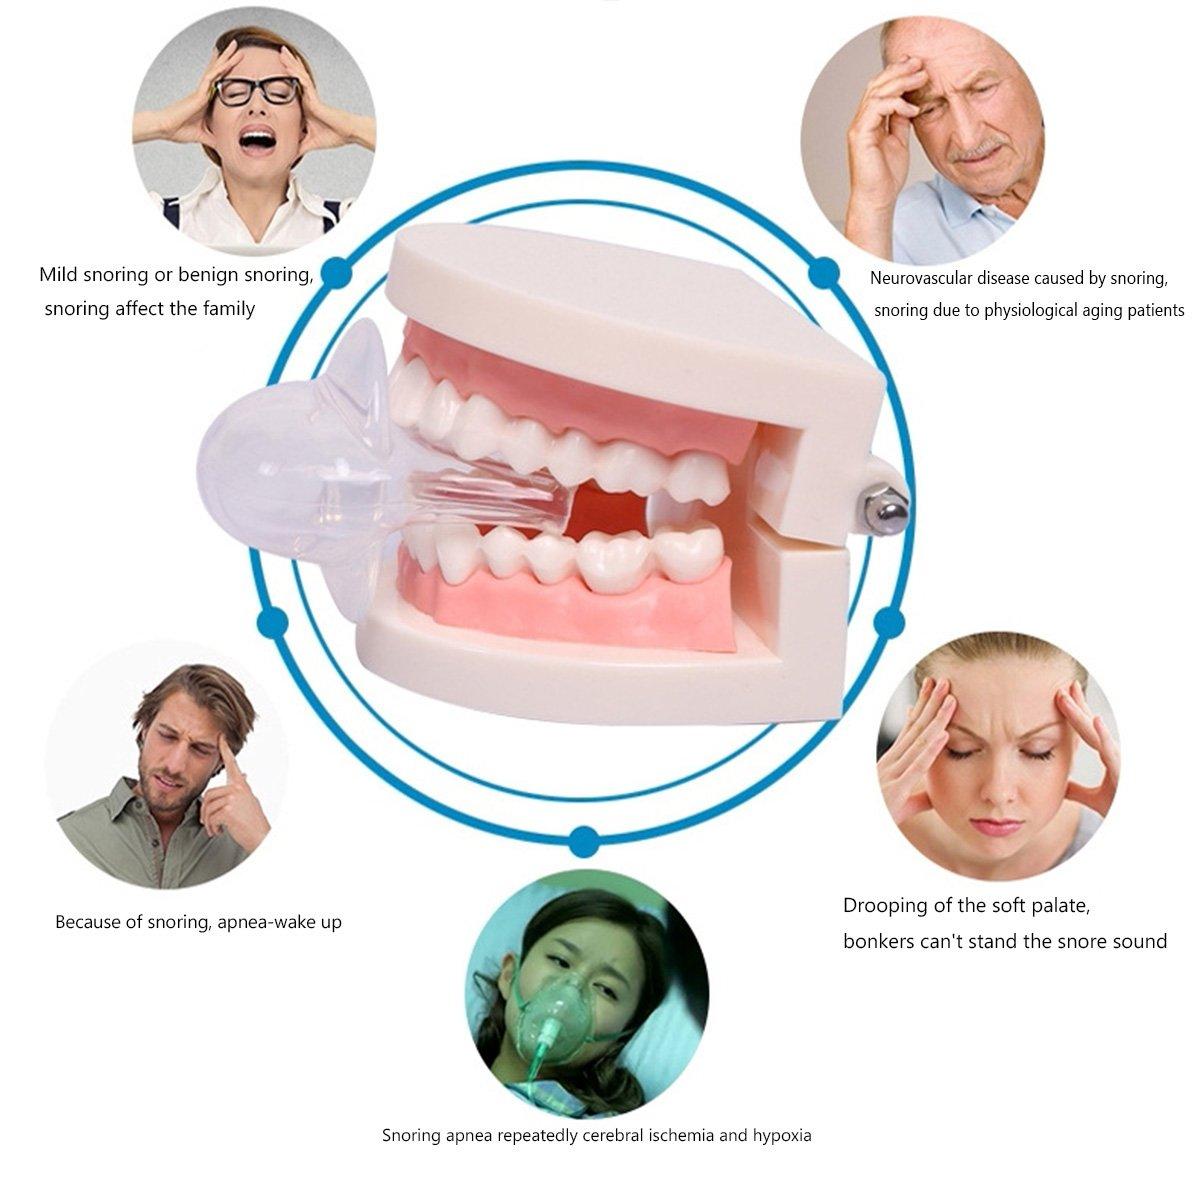 Ndier Schnarchen Lösung - Effektive Schnarchstopper & Zähne Schleifen Lösung - reduziert Volumen und Frequenz - verbessert Schlaf & Nacht Rest Qualität